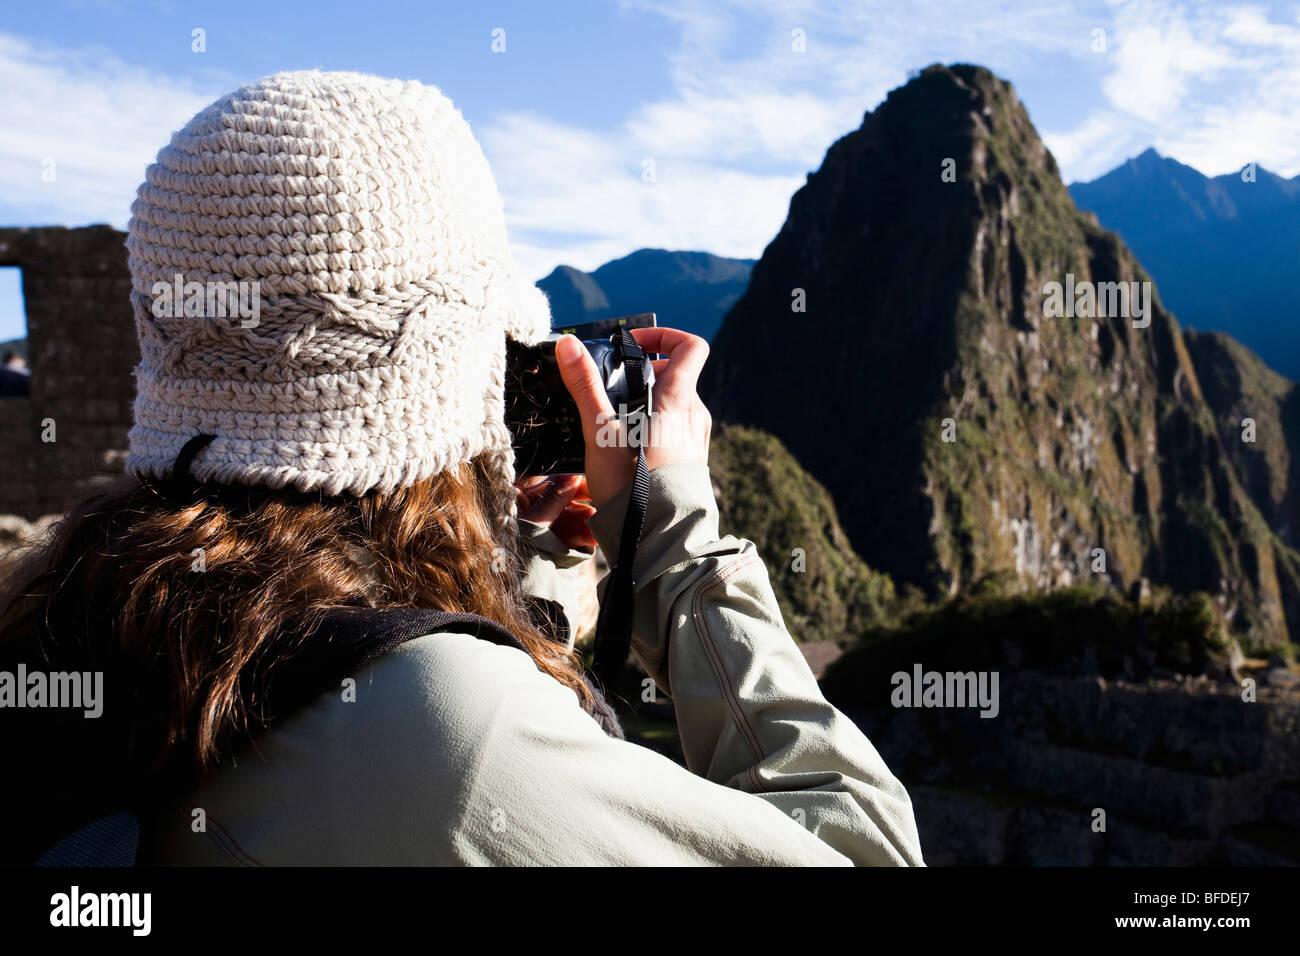 Un adolescente prende una foto di Machu Picchu, le antiche rovine della Valle Sacra del Perù. Immagini Stock